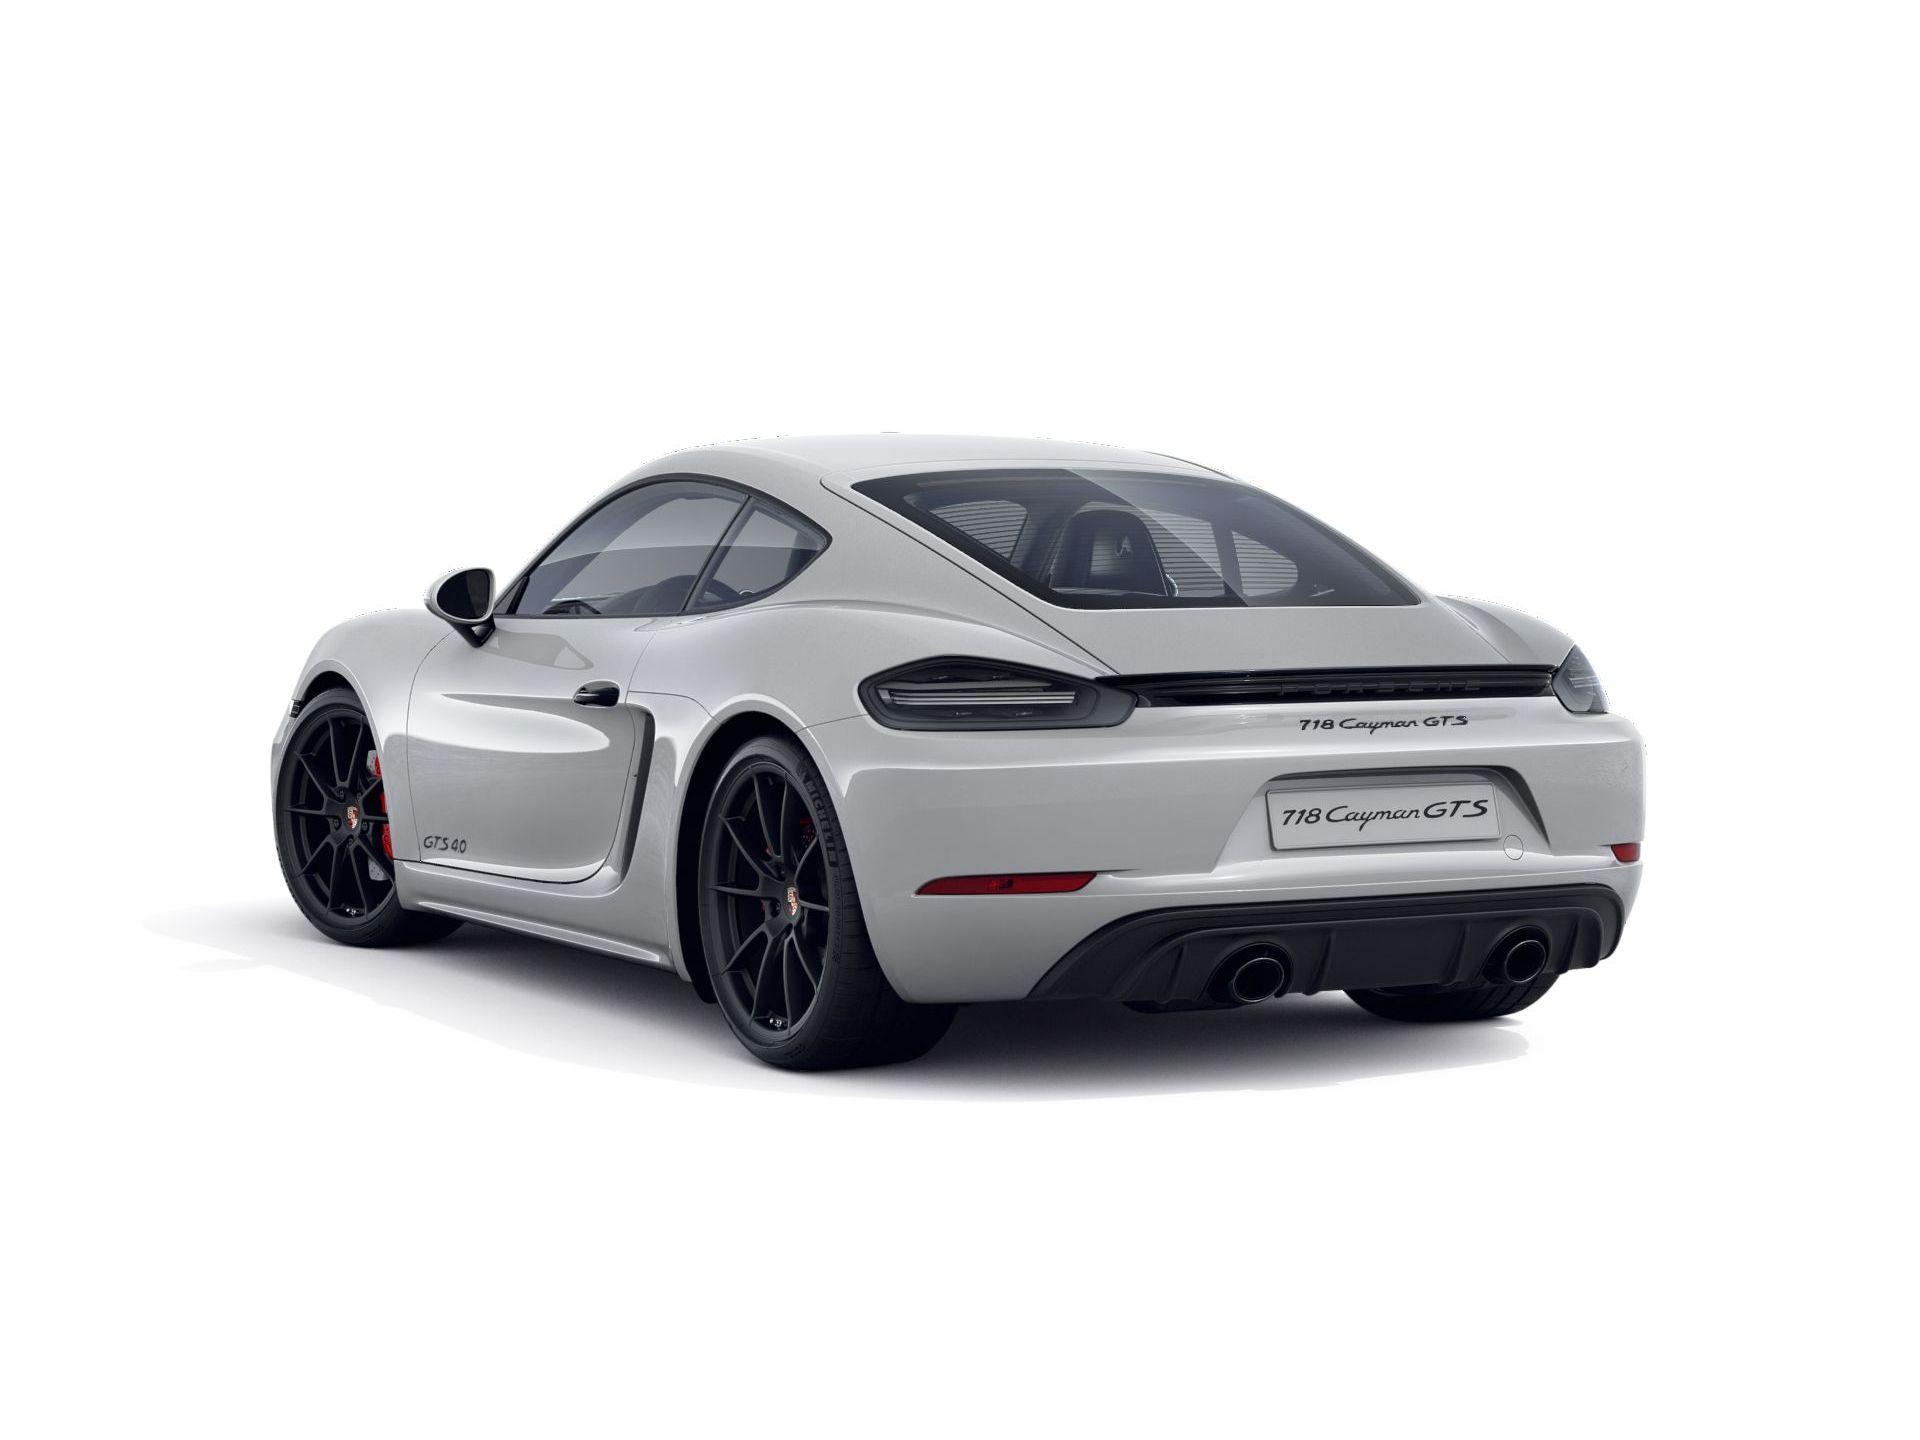 2022 Porsche 718 Cayman GTS 4.0 – 3